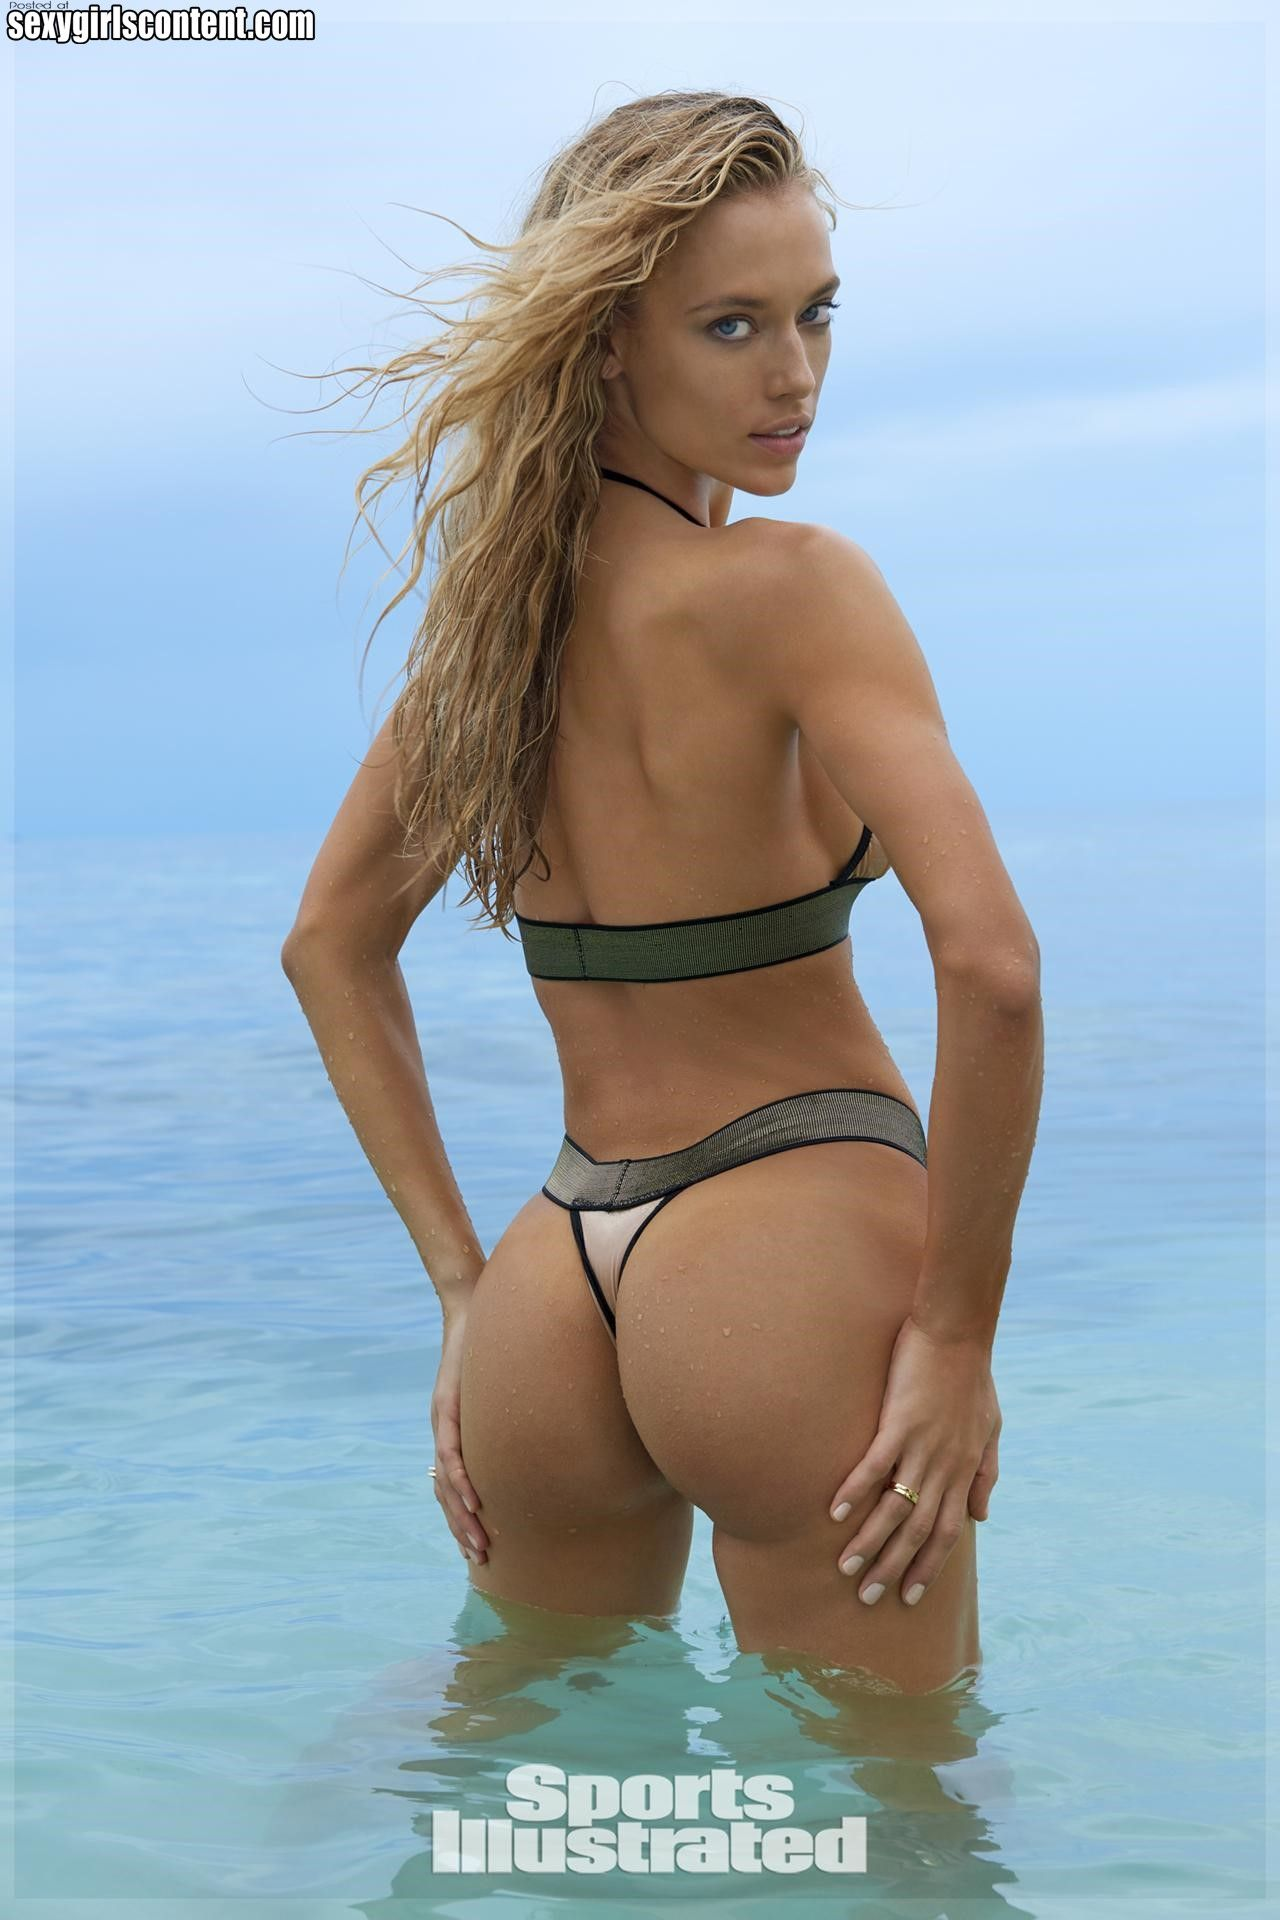 sexy kenyan lady big boobs naked